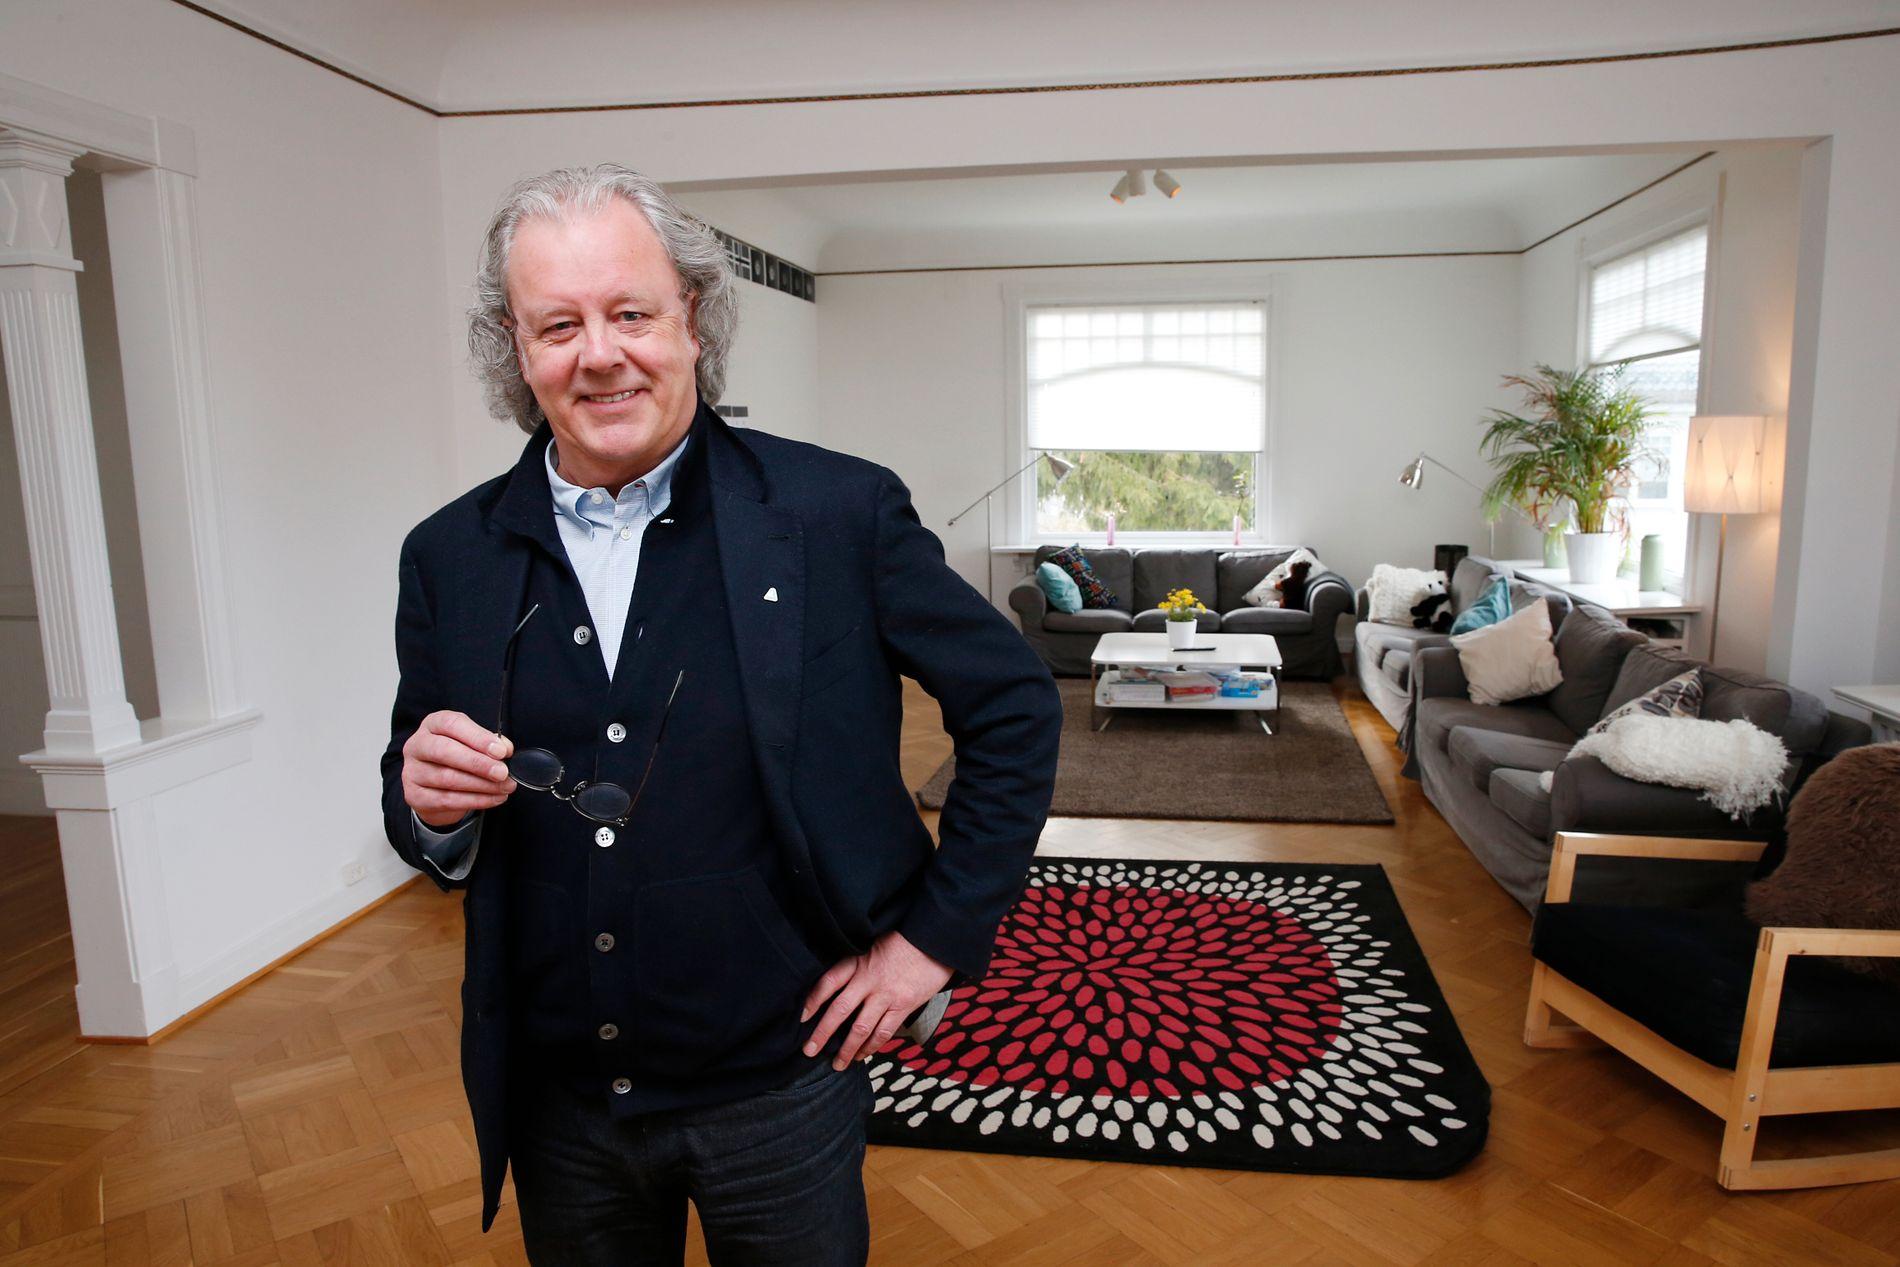 OMSTRIDTE TURER: Da han var administrerende direktør i Aleris Ungplan & BOI var  Erik R. Sandøy,  Administrerende direktør i Aleris Omsorg Norge, personlig involvert i saken om de omstridte bilturene til Oslo.